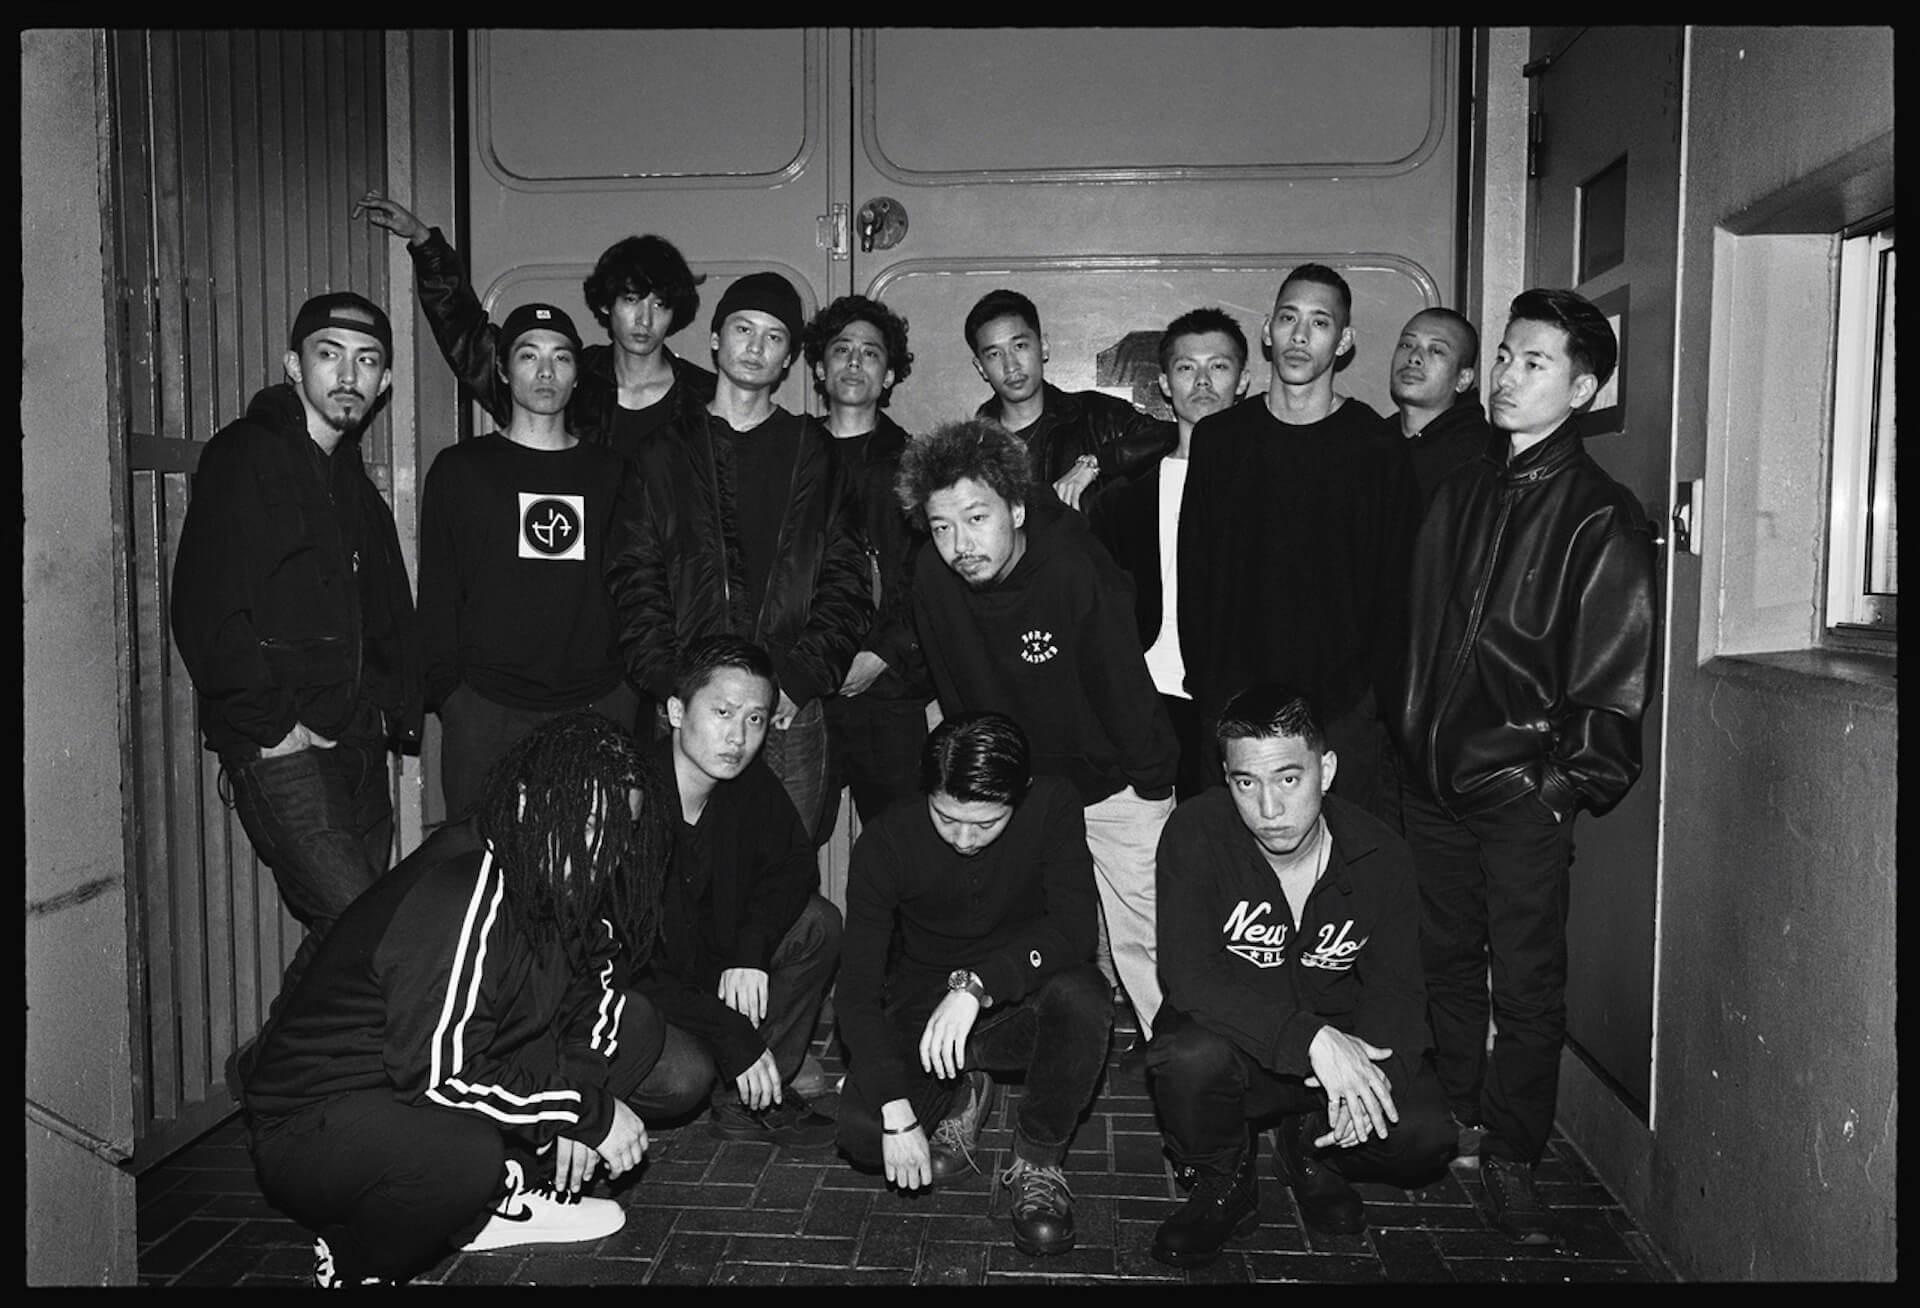 KANDYTOWNの2ndアルバム『ADVISORY』がLPで発売決定|秘蔵トラックを加えた3枚組 music200515_kandytown_3